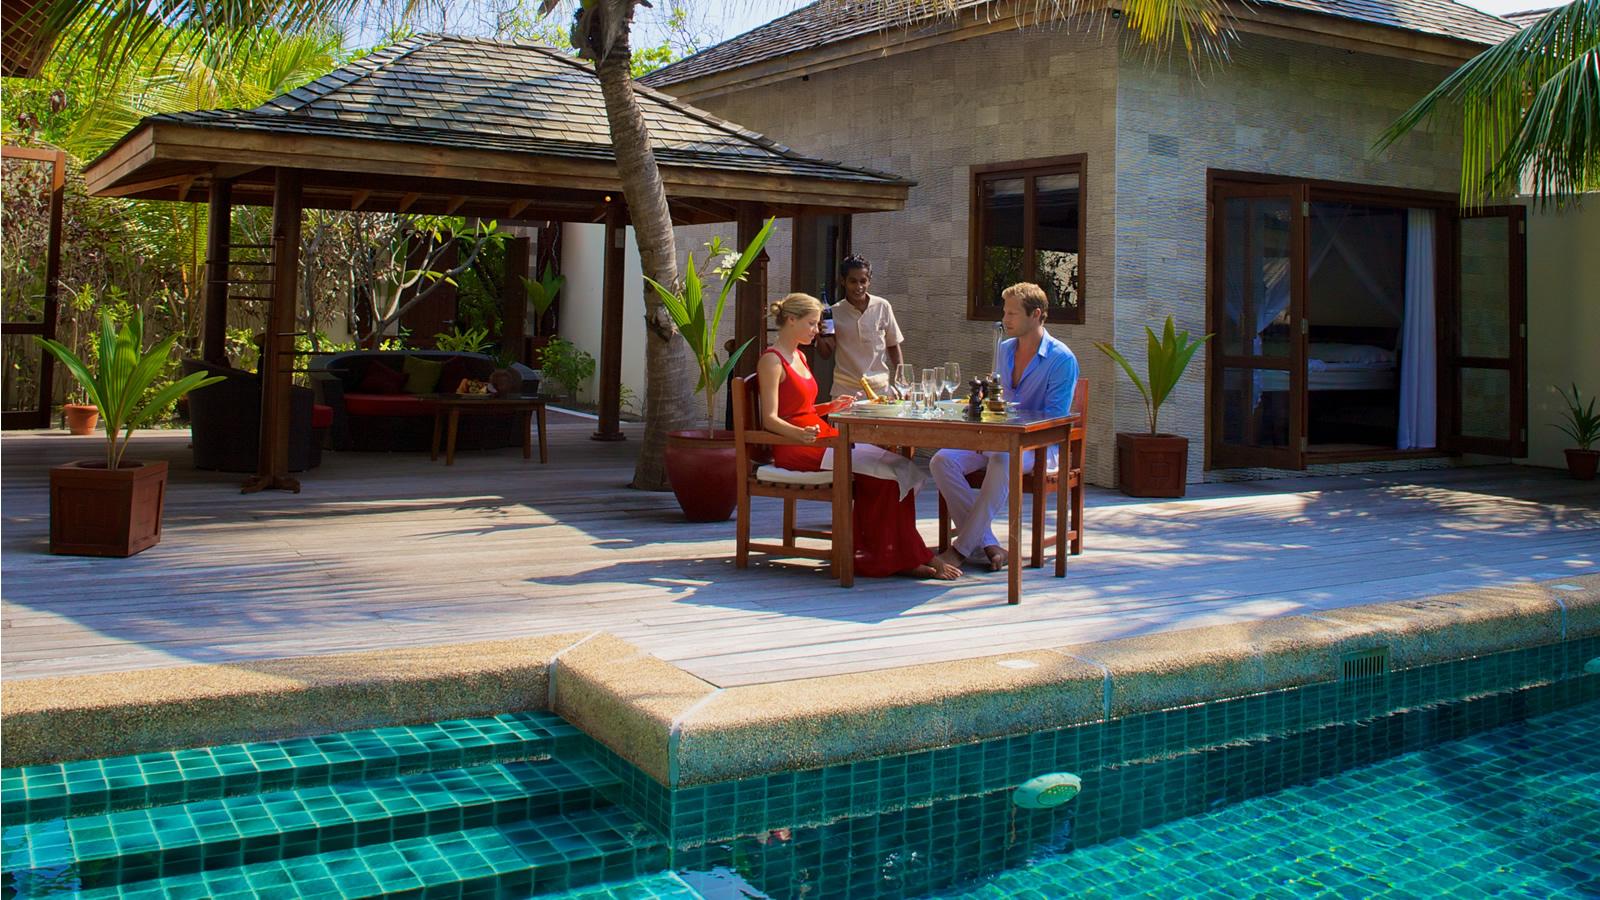 Sulthan pool villa private villa with pool in the maldives for Garden pool villa